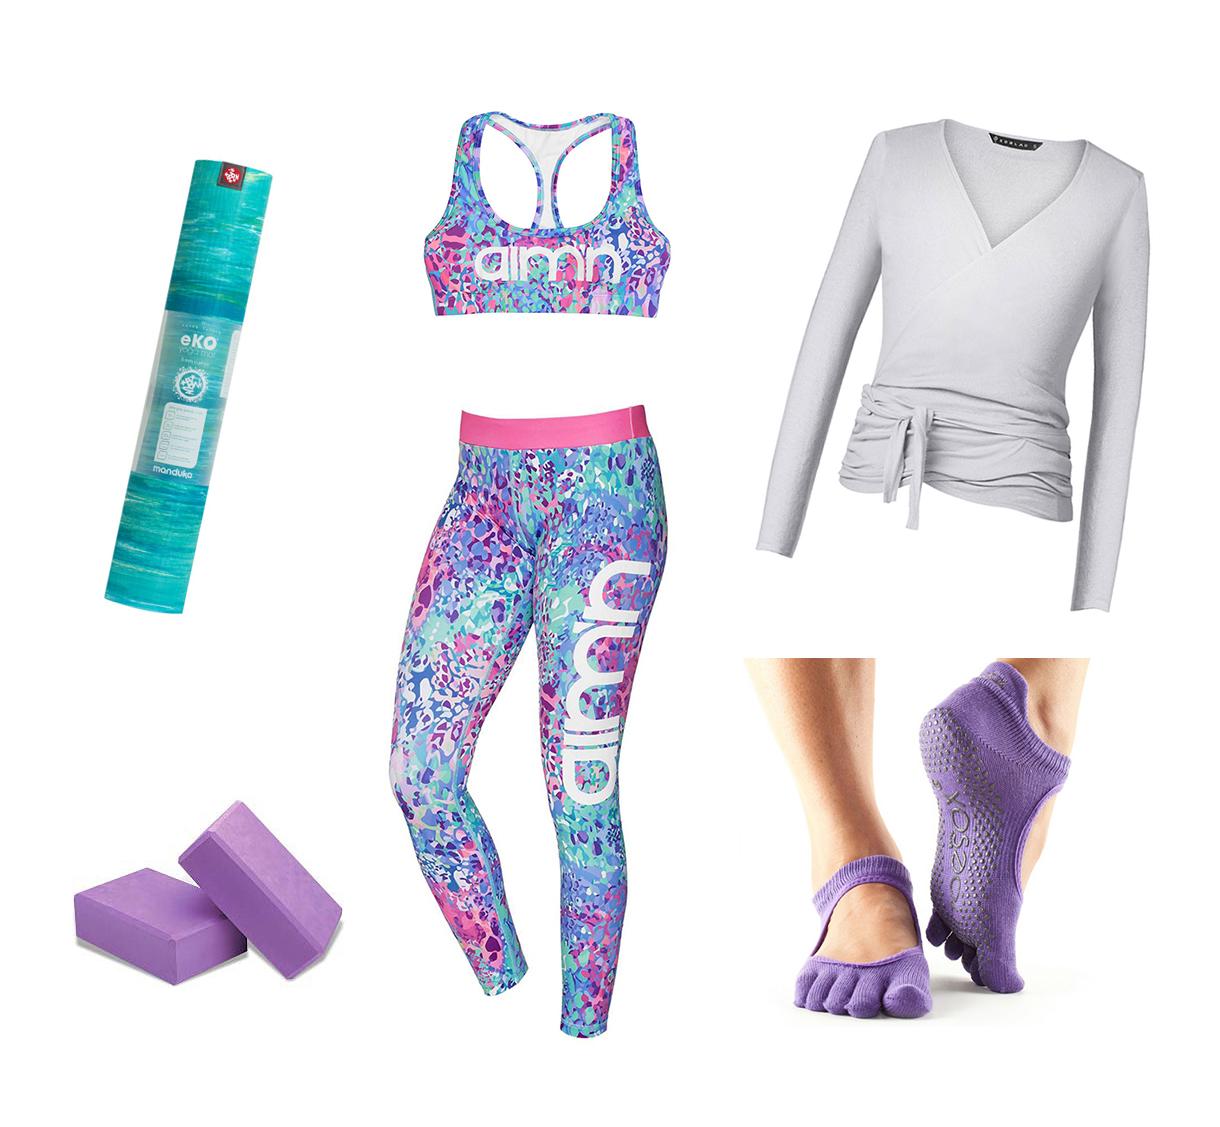 Yogakläder för yogatrender 2017